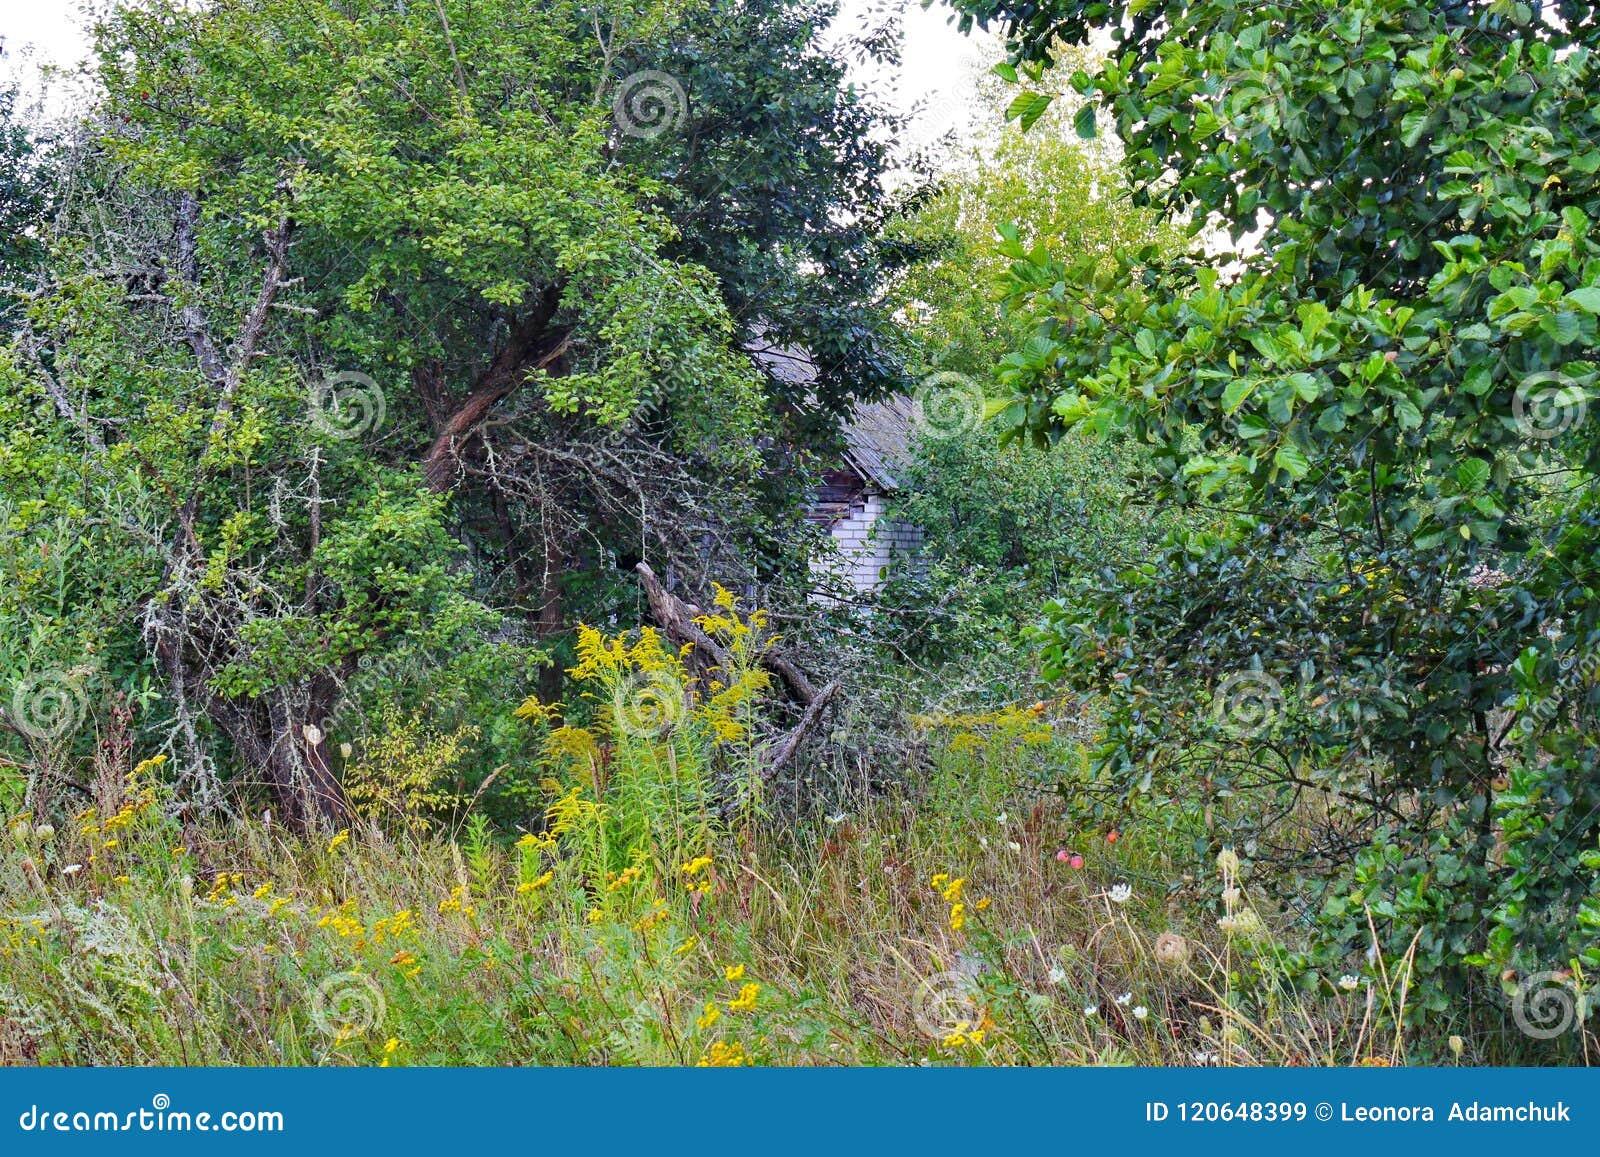 树和灌木丛林,以及辩明老的高干草是几乎不可能的,部分地